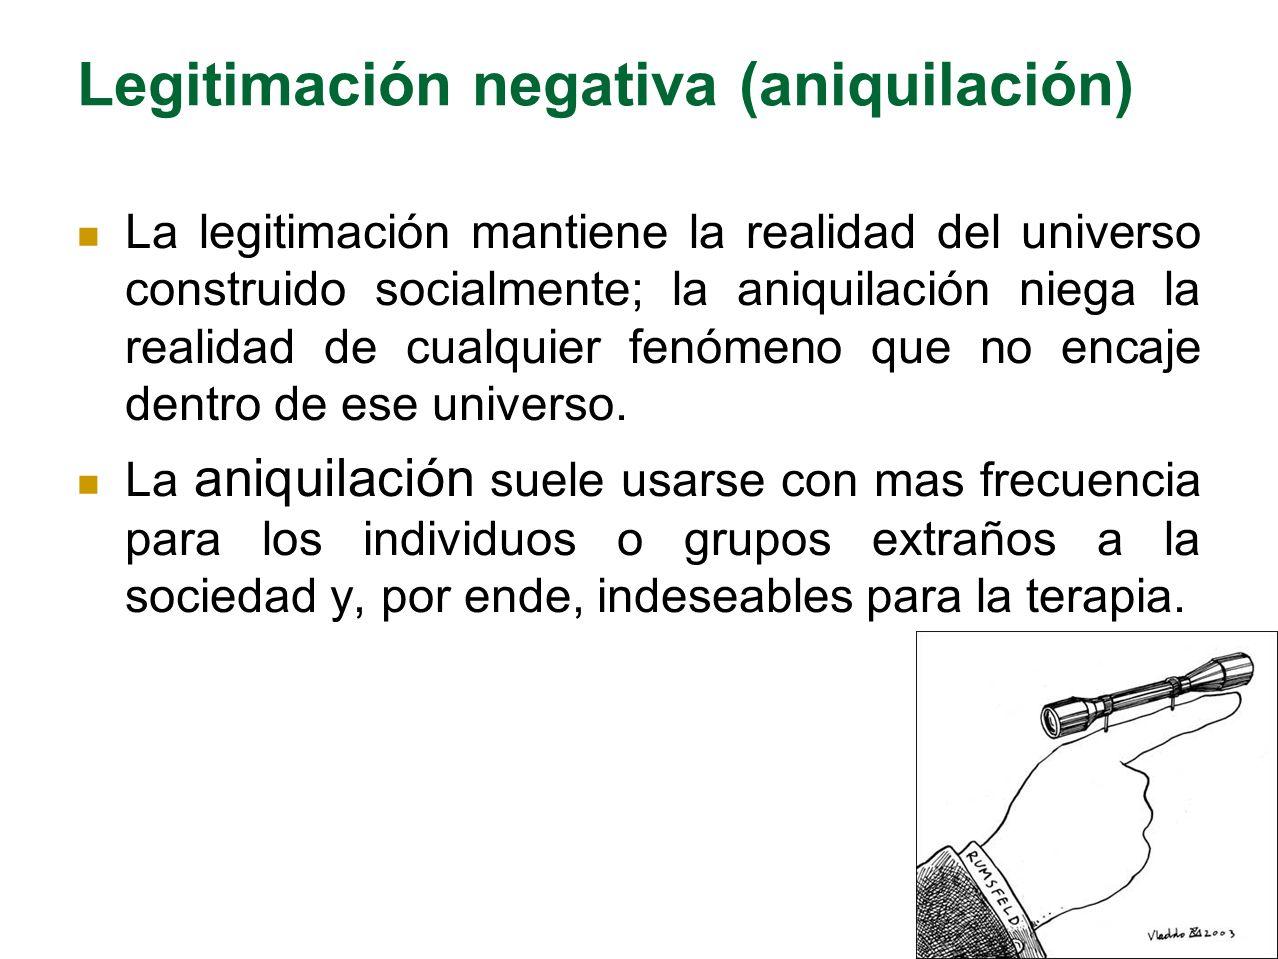 Legitimación negativa (aniquilación)